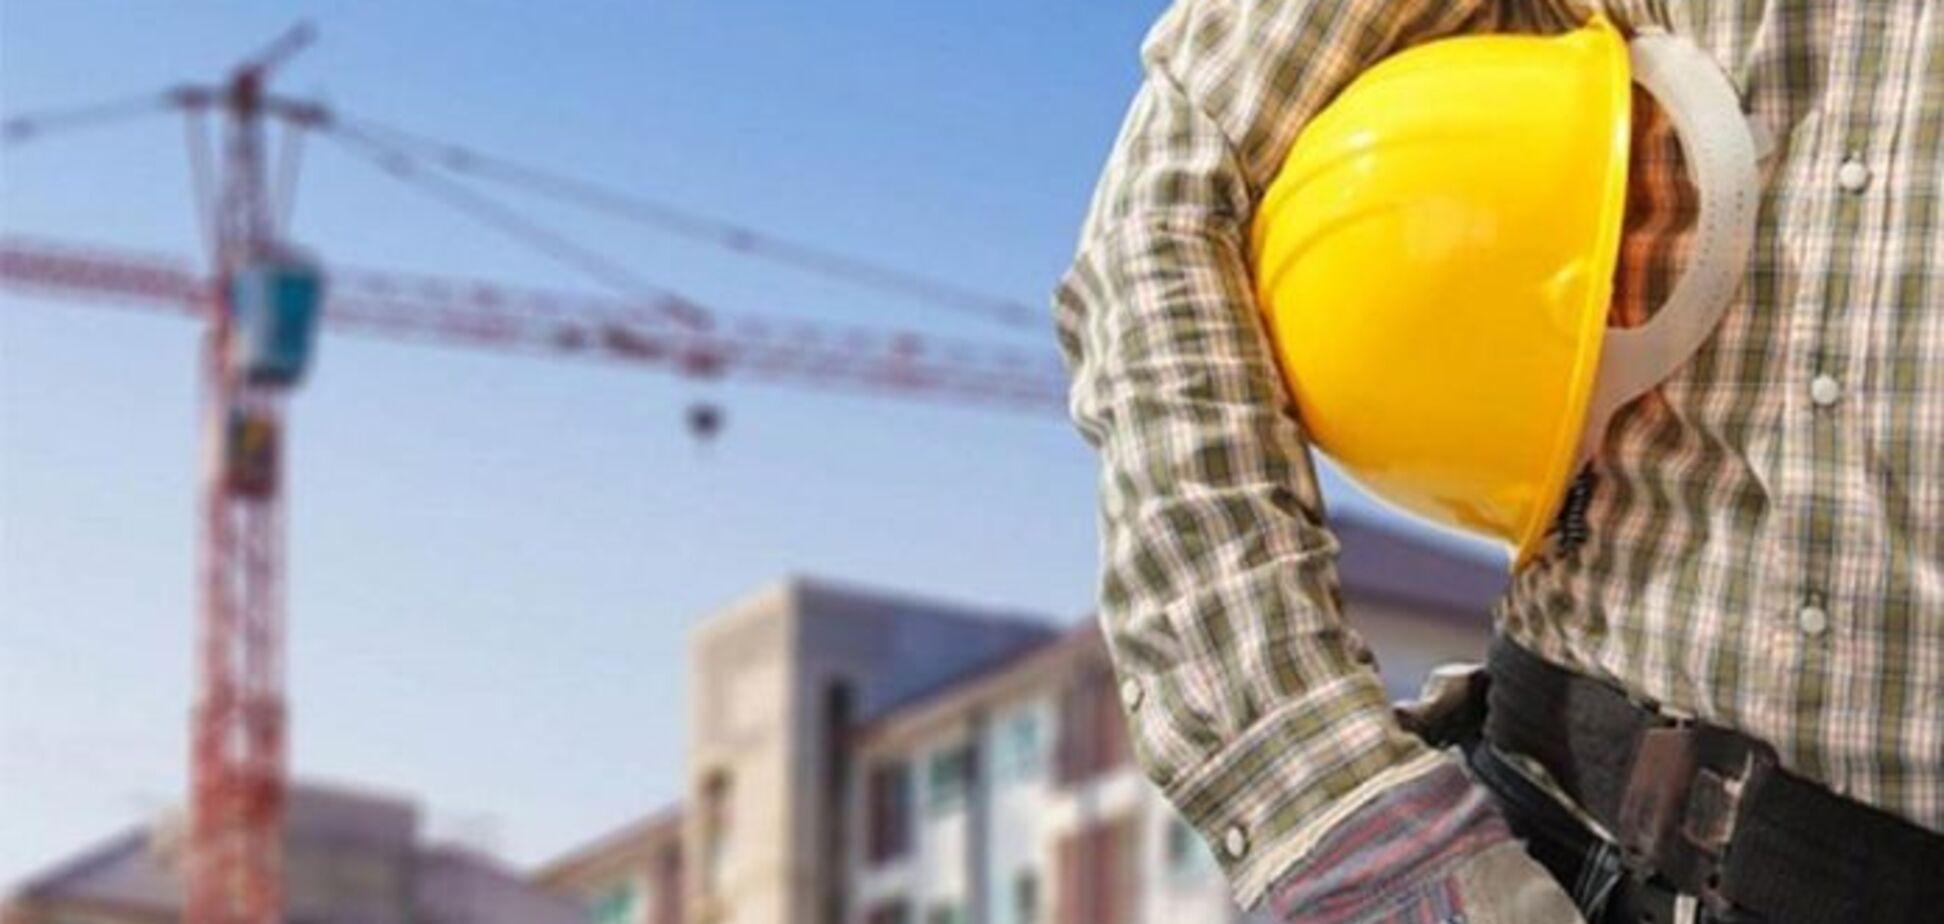 НАПК внесло правки в законопроект о реформе градостроительства